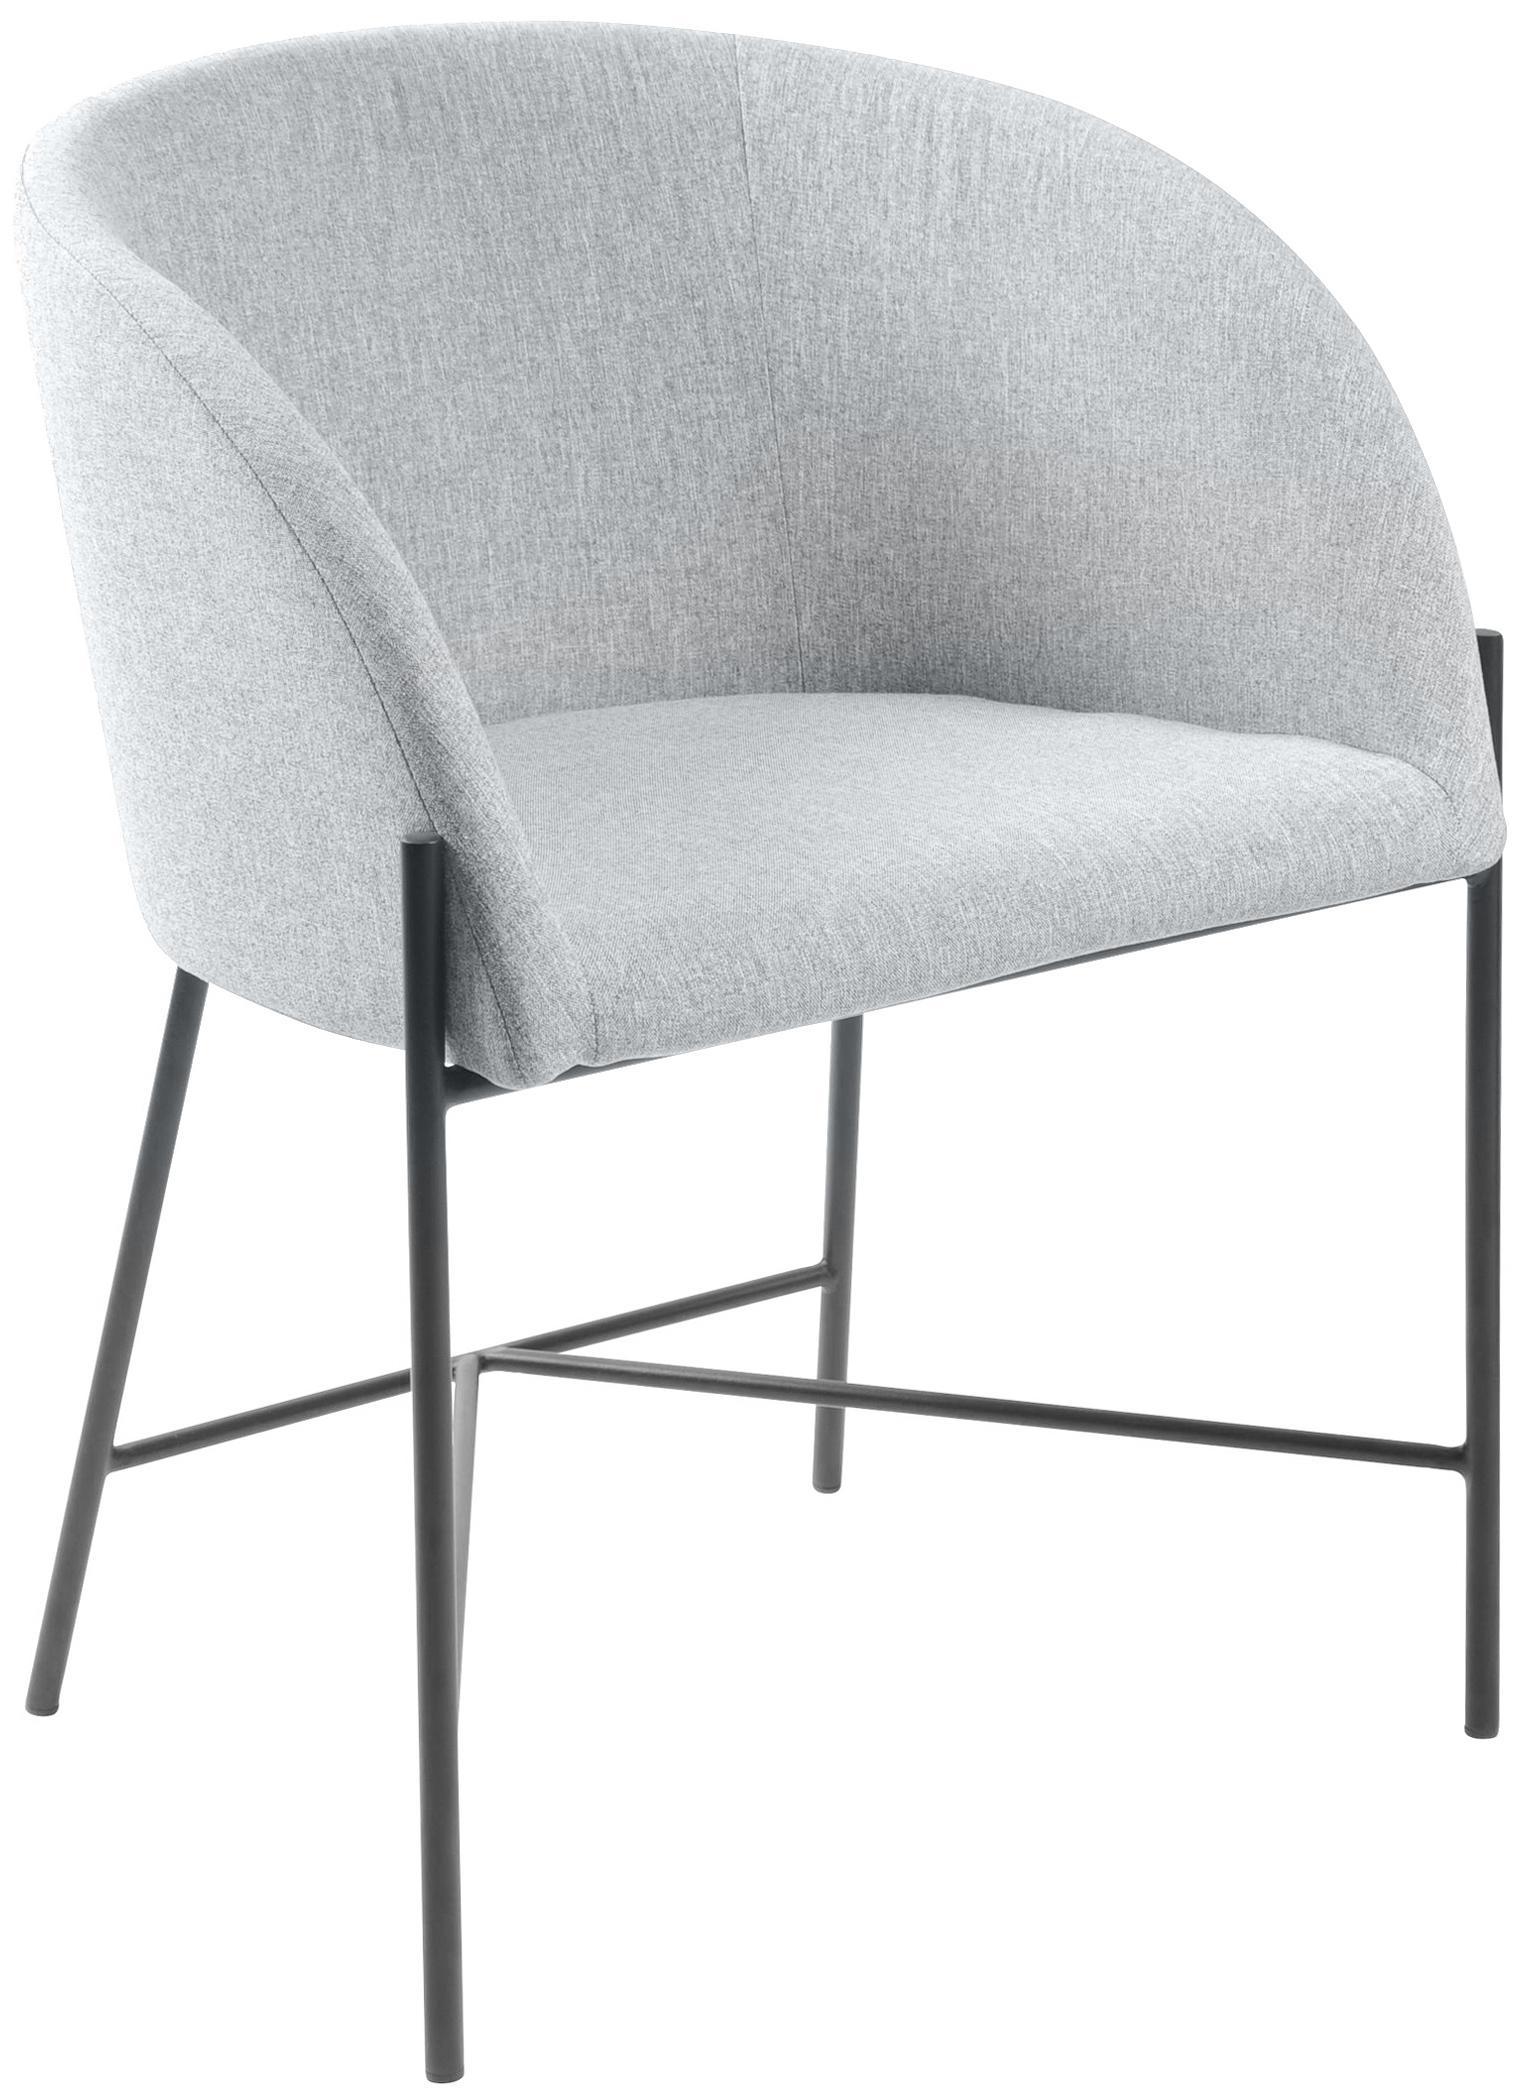 Armstoel Nelson, Bekleding: polyester, Poten: gelakt metaal, Geweven stof lichtgrijs, poten zwart, B 56 x D 54 cm